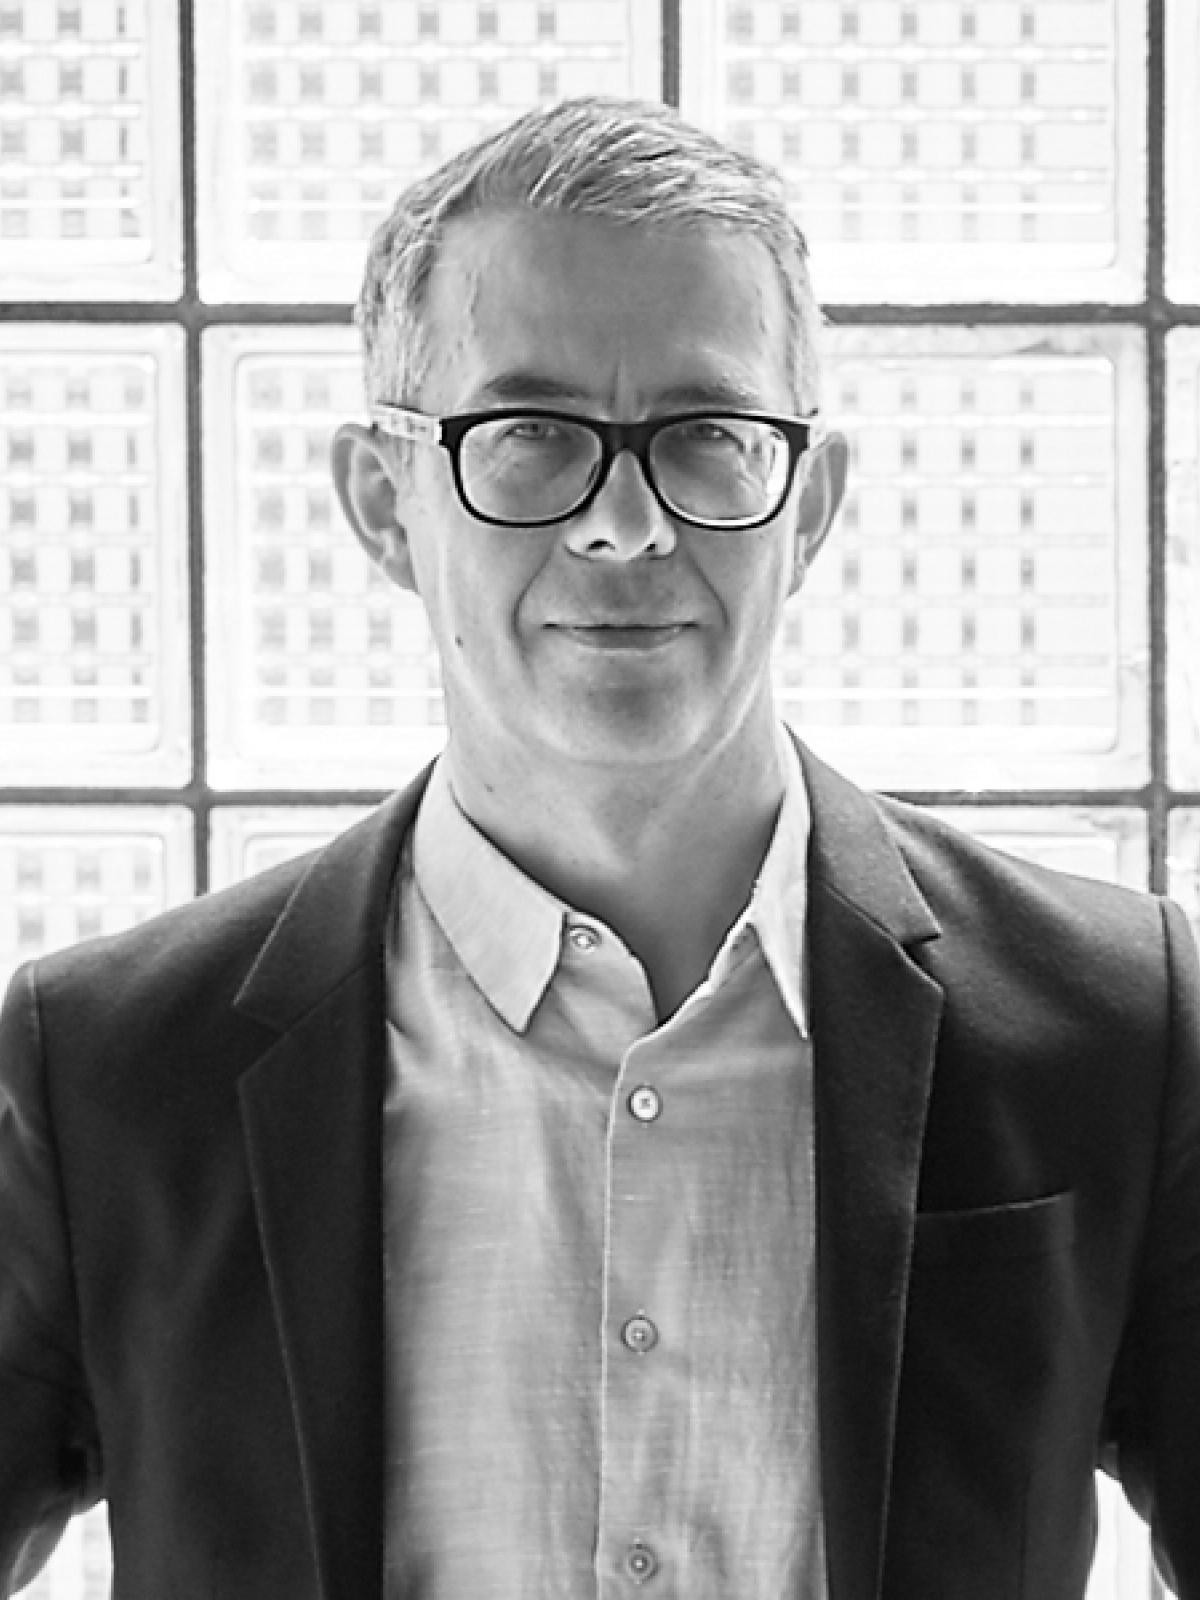 Urs Meister<br>Prof. Dipl. Architekt ETH BSA SIA<br>Zürich